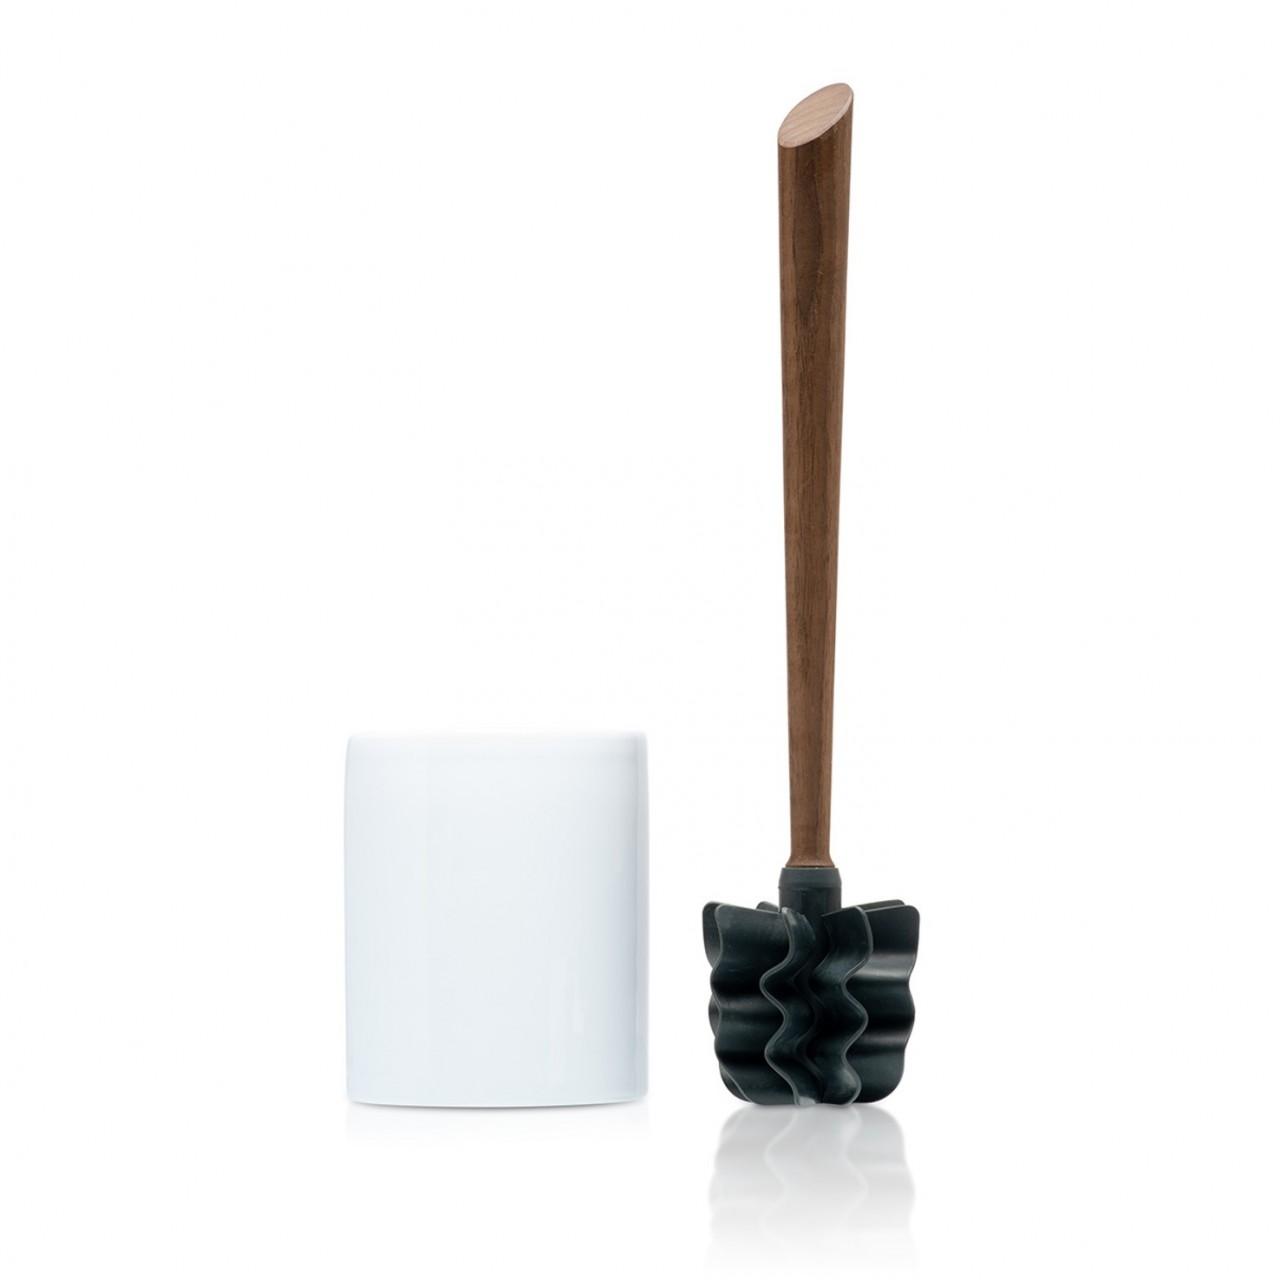 LOOWY Woodline – Nussbaum Set | die Toilettenbürste mit Nussbaumgriff und Keramik Halter weiß